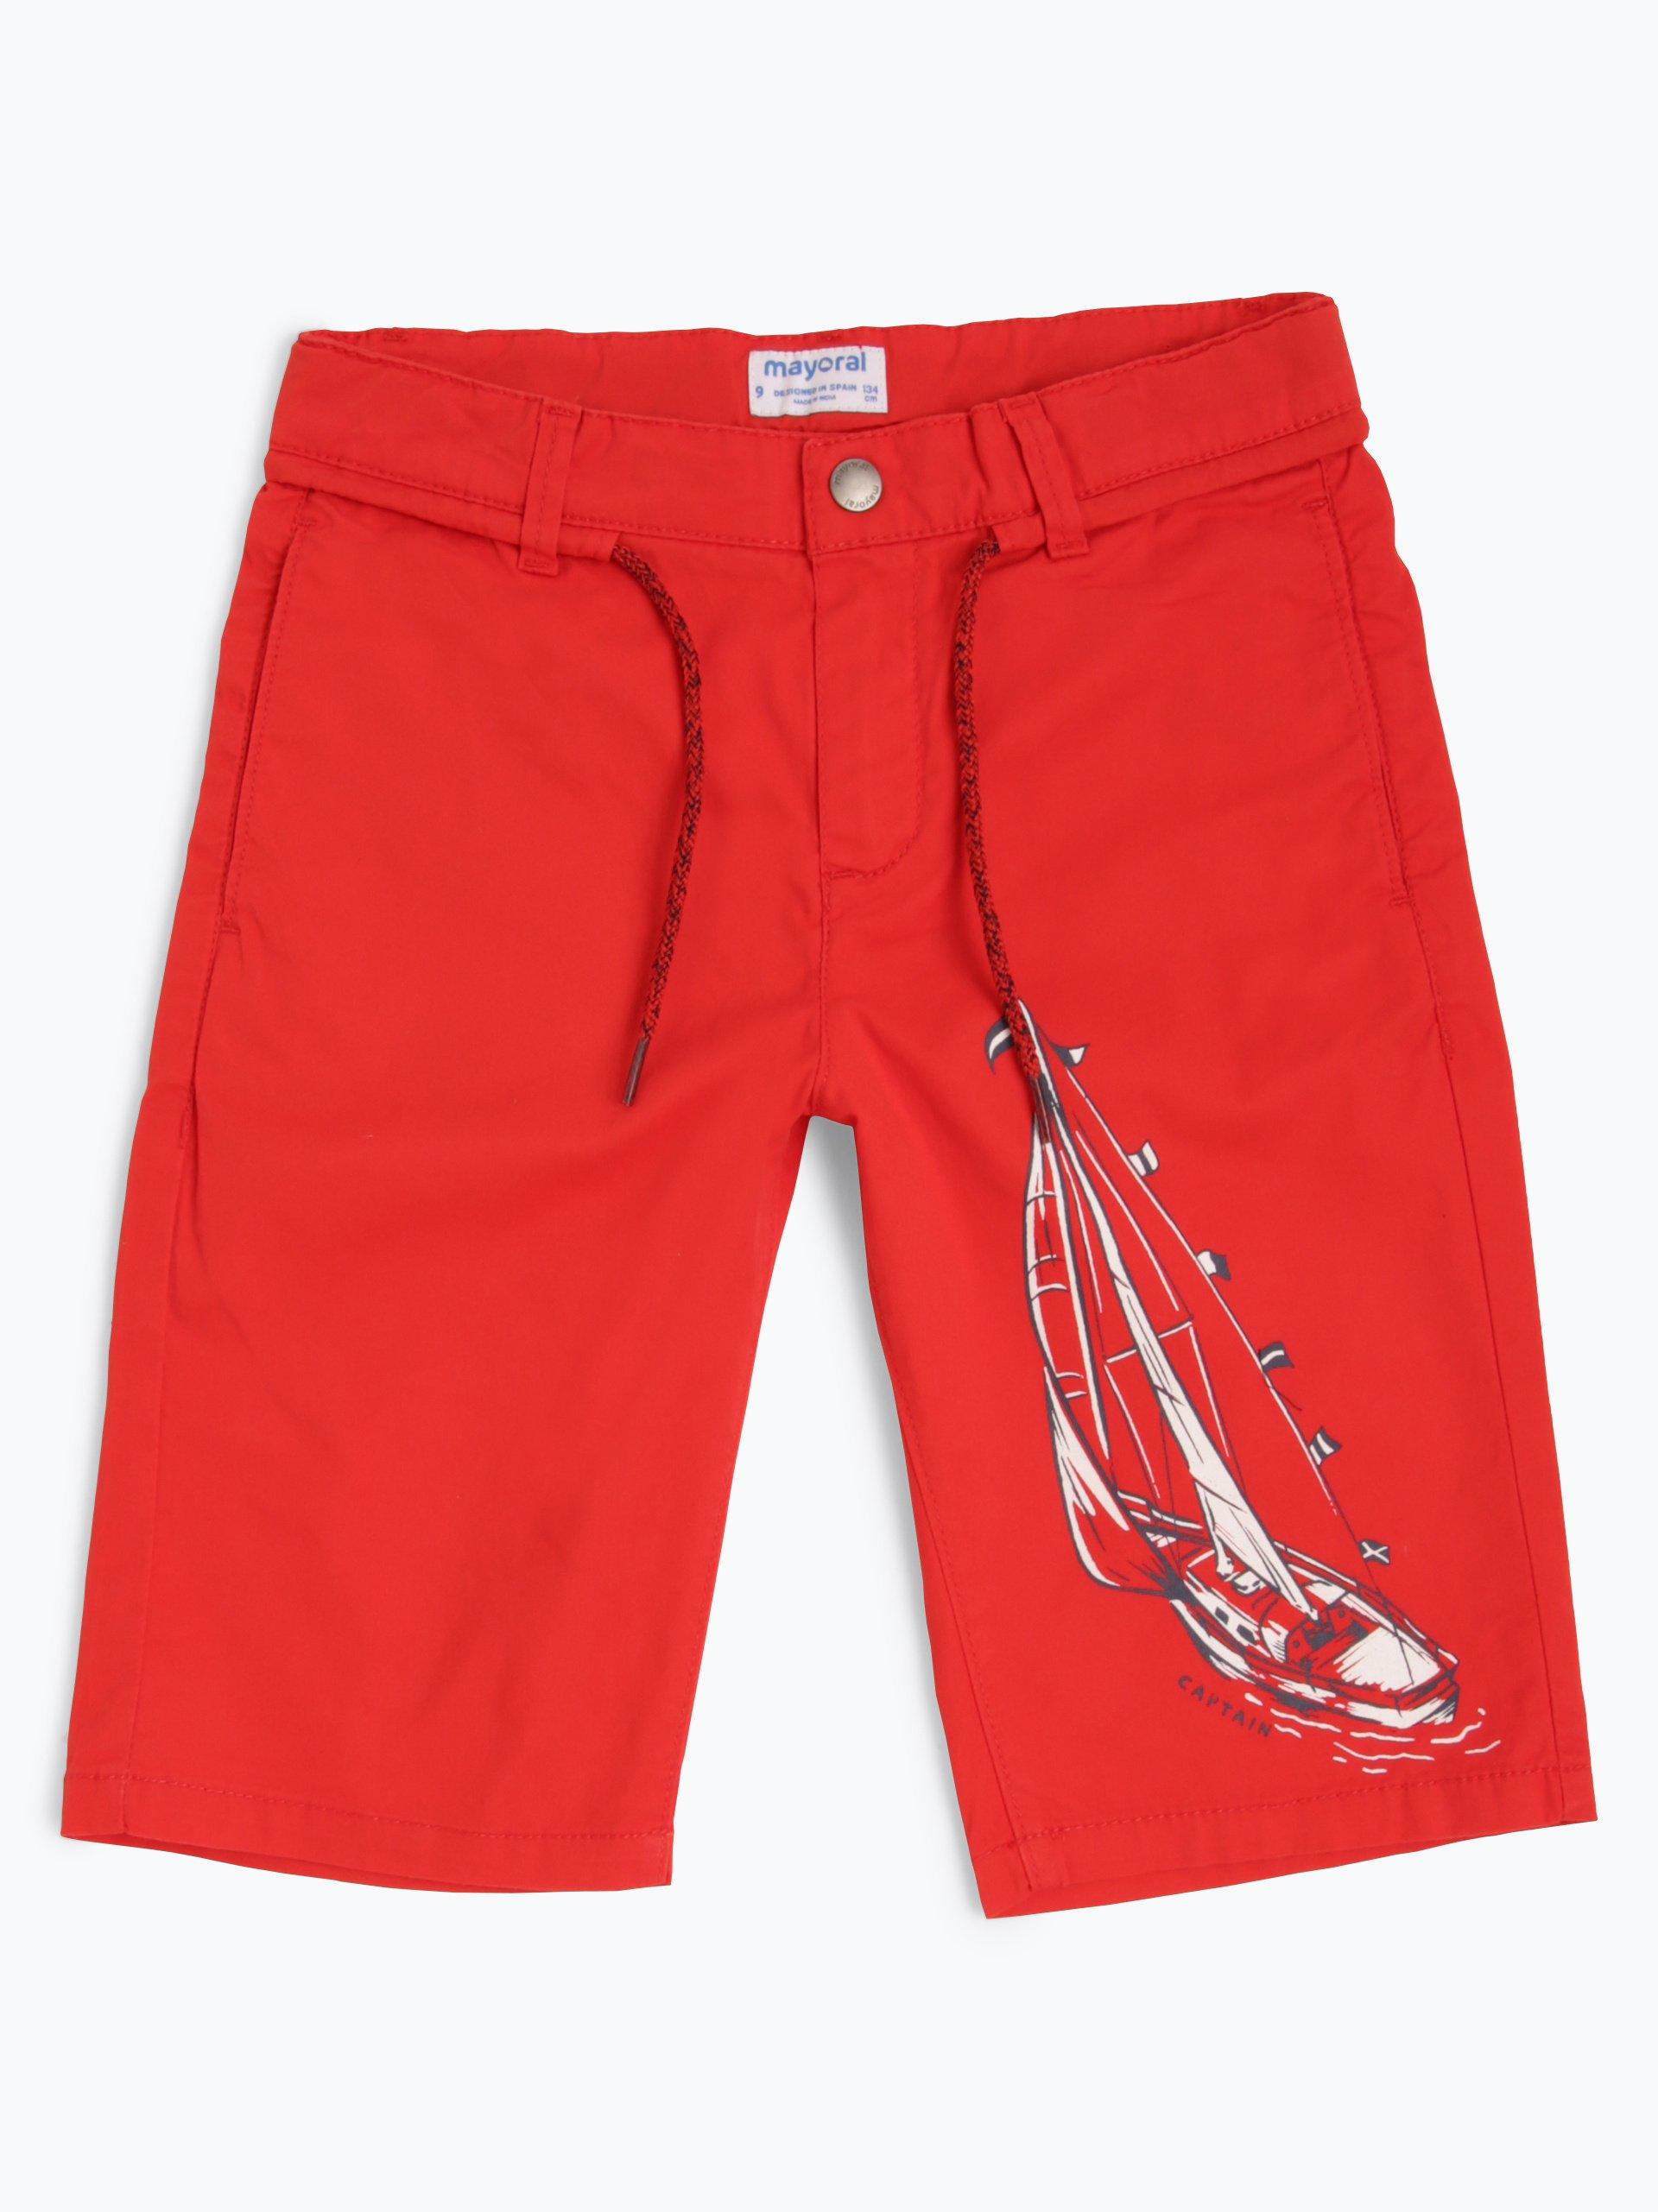 Mayoral Jungen Shorts